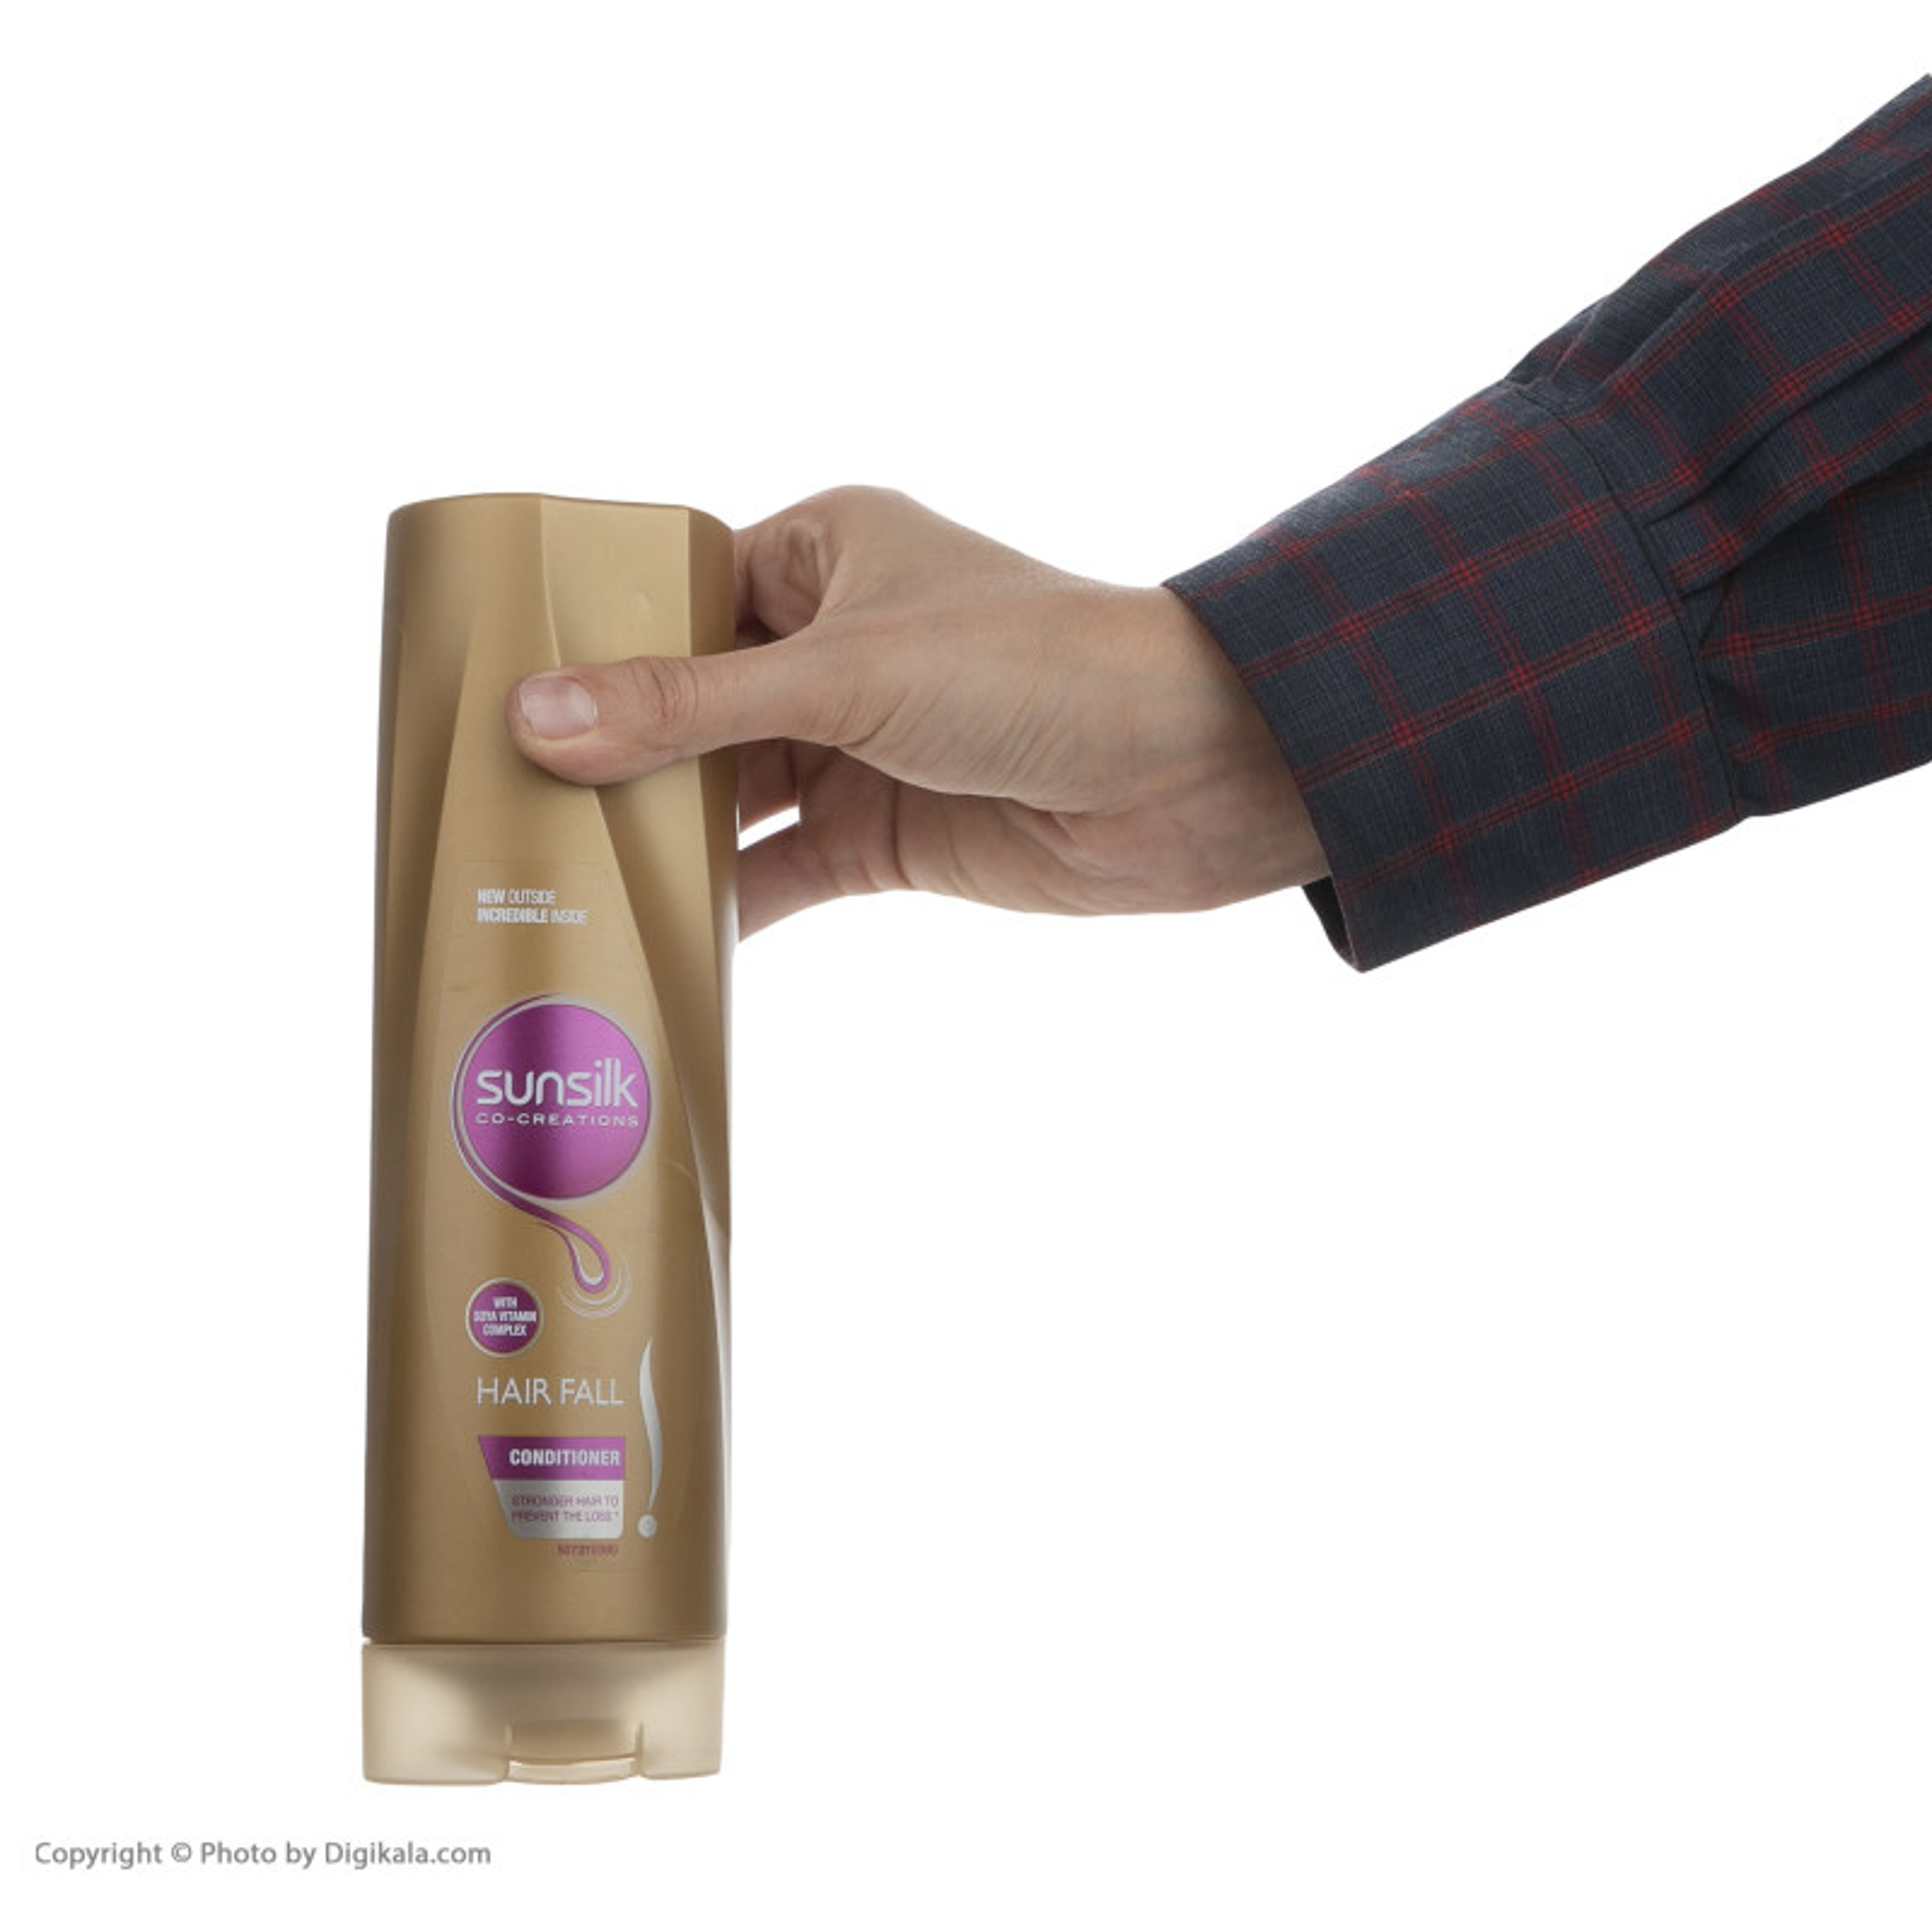 نرم کننده مو ضعیف و شکننده سان سیلک مدل Hair fall  حجم 350 میلی لیتر